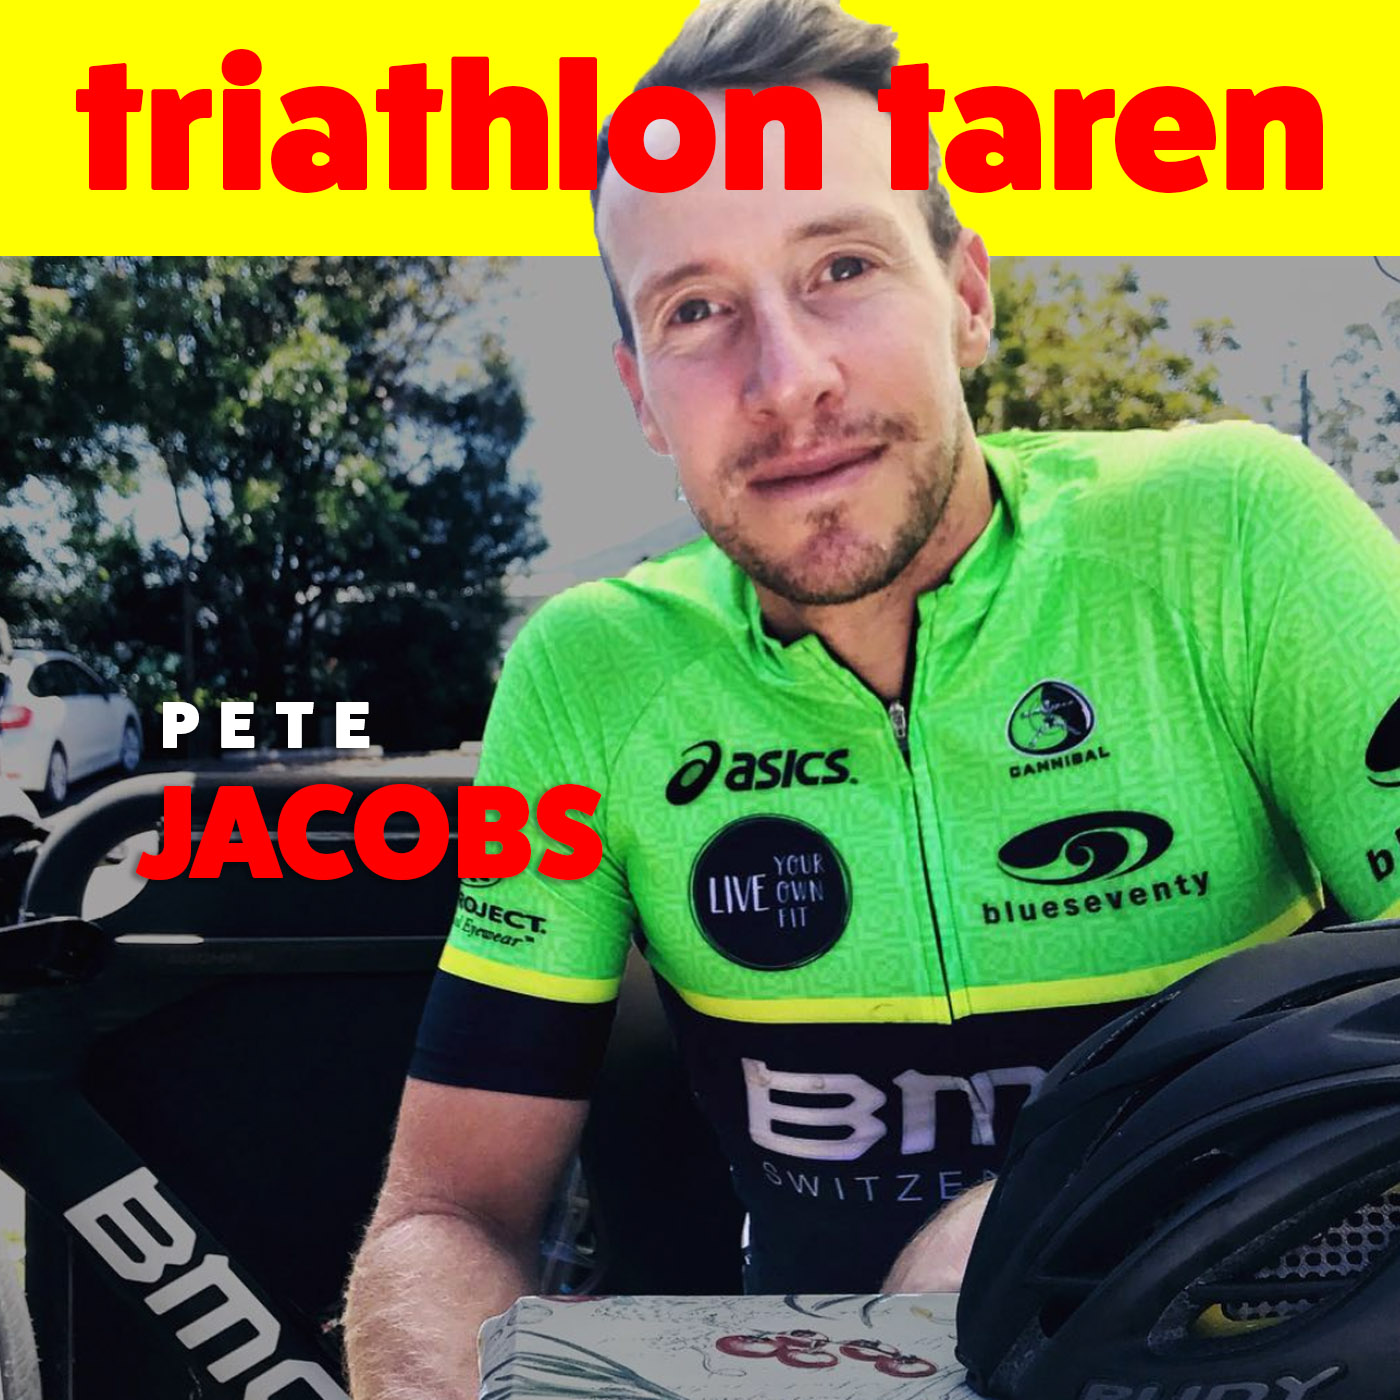 Triathlon on a Carnivore Diet | Pete Jacobs Eats Brains